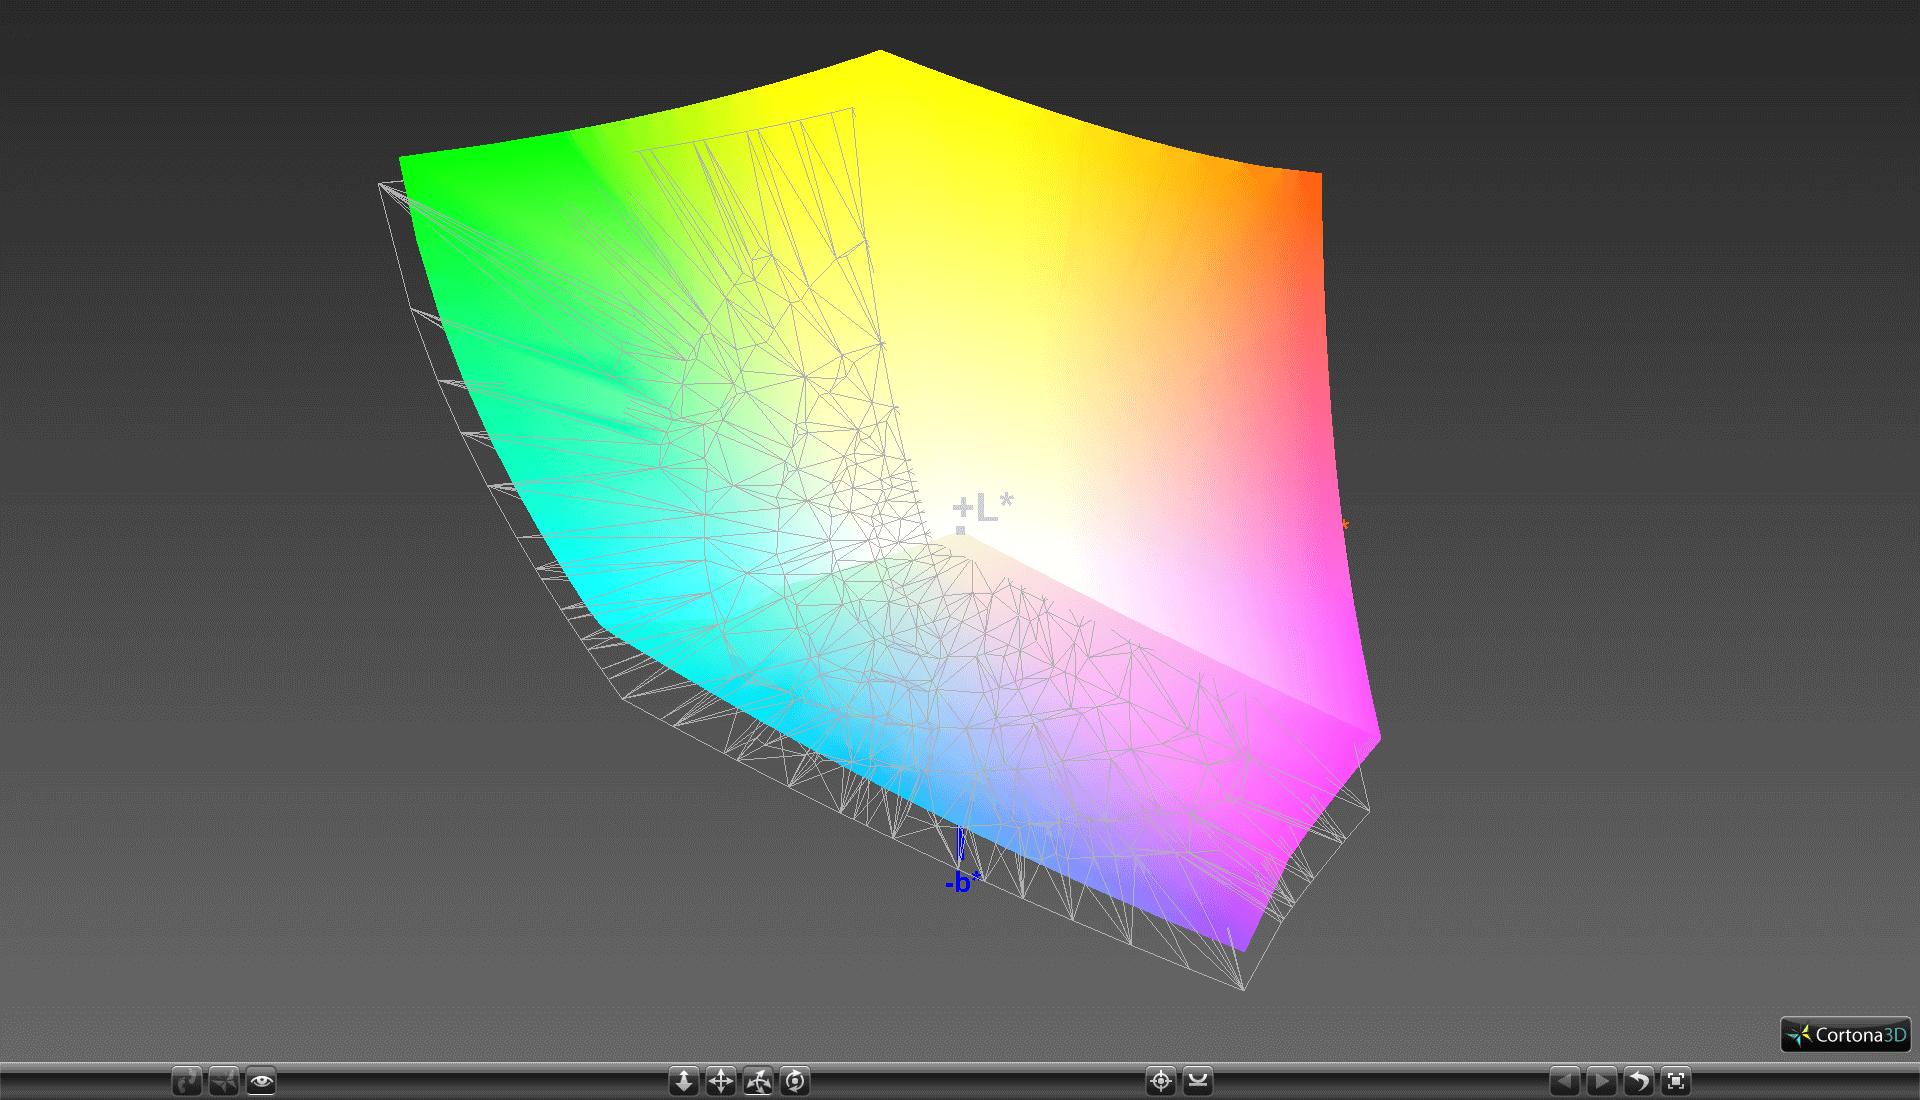 Màn hình Dell XPS bản 4K bao phủ được gần hết dải màu Adobe RGB